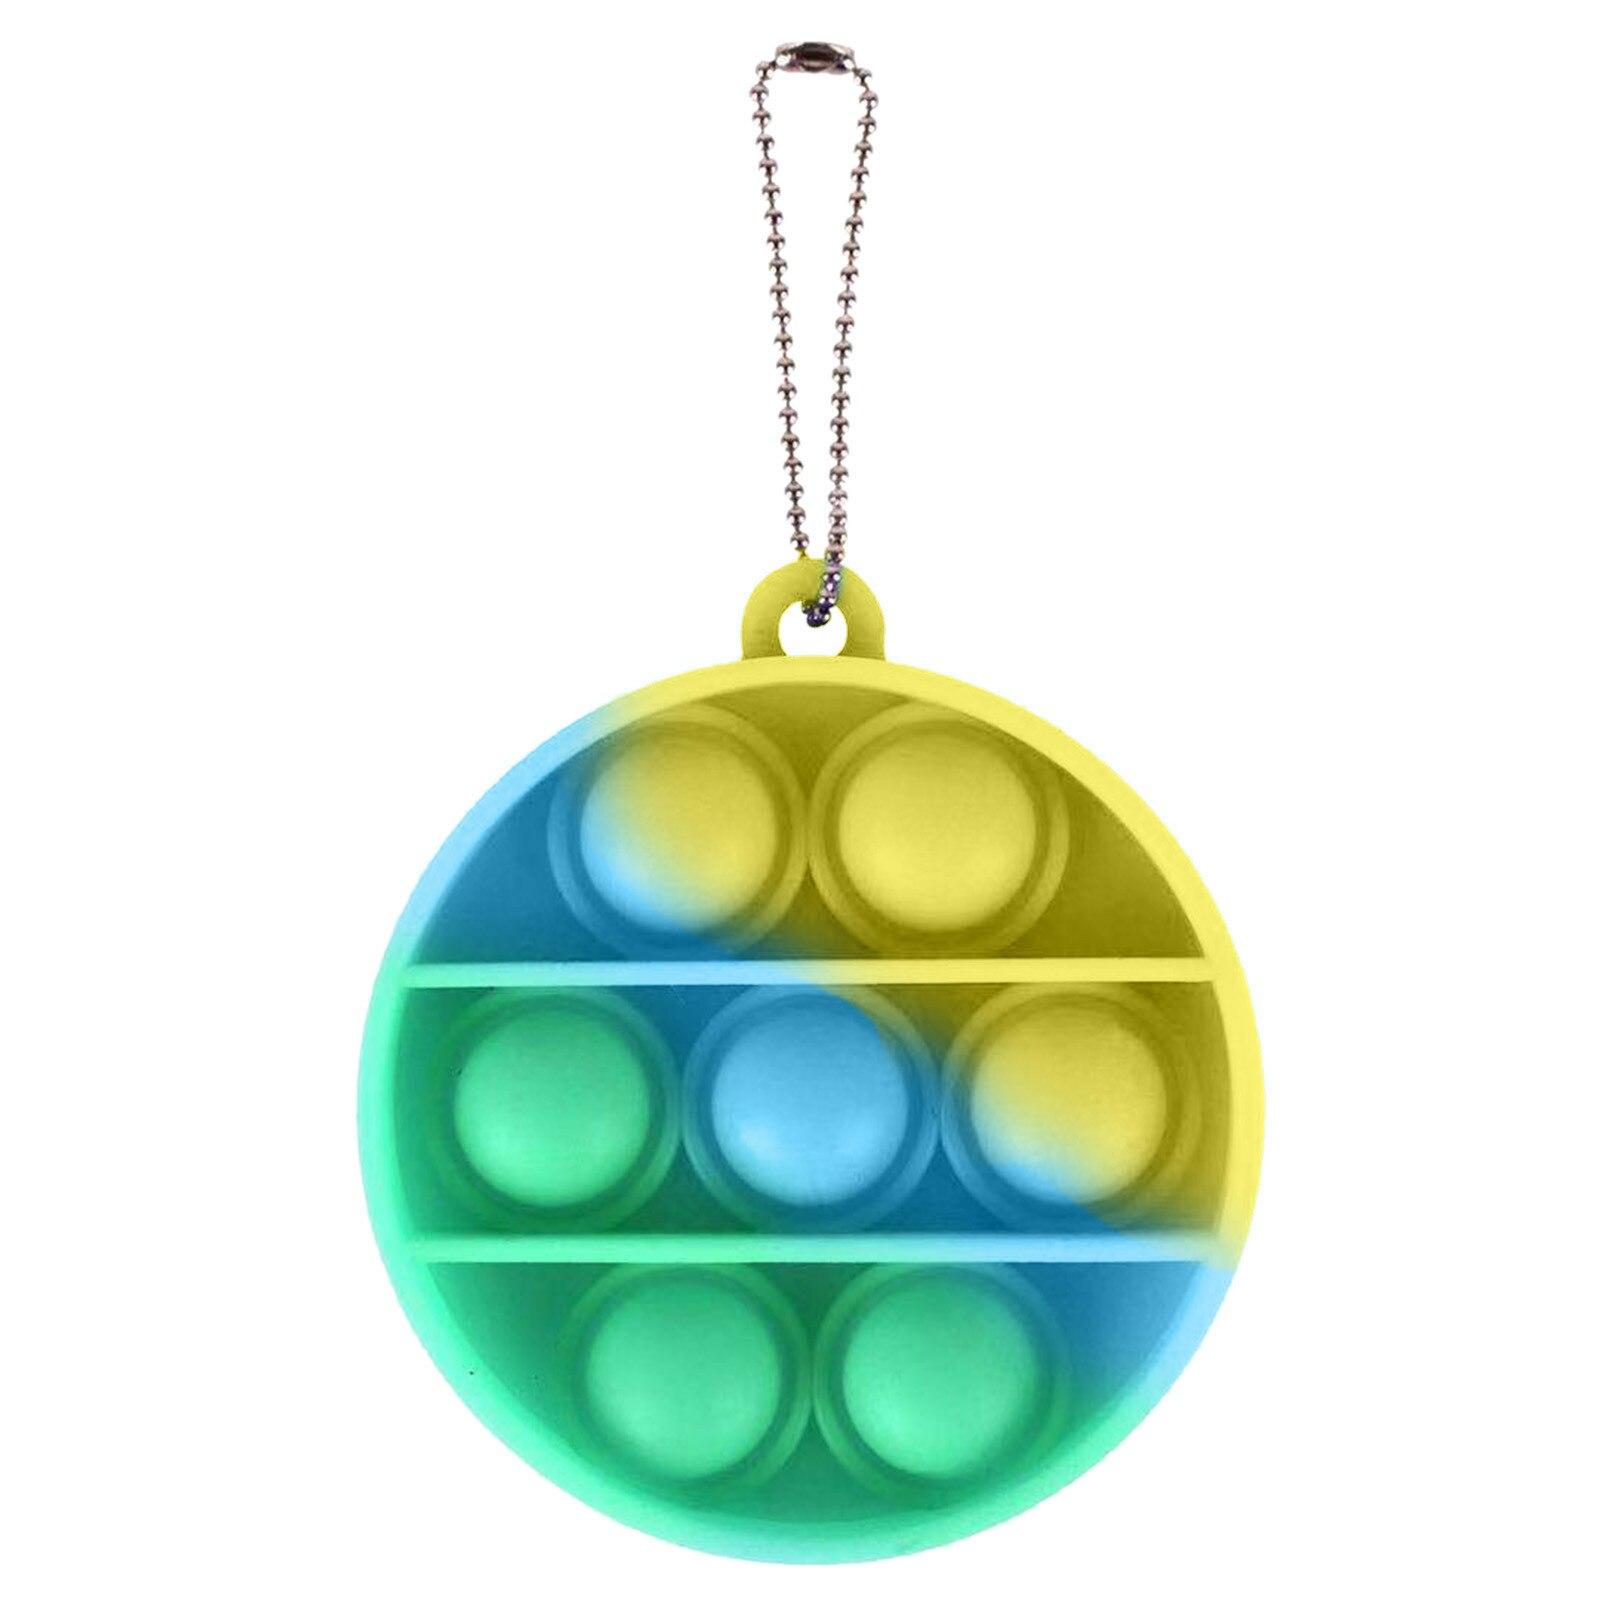 Fitget Toy Fidgets Simpel Dimpel Mini Anti-Stress-Board Pop-It-Keychain-Controller Kids img3